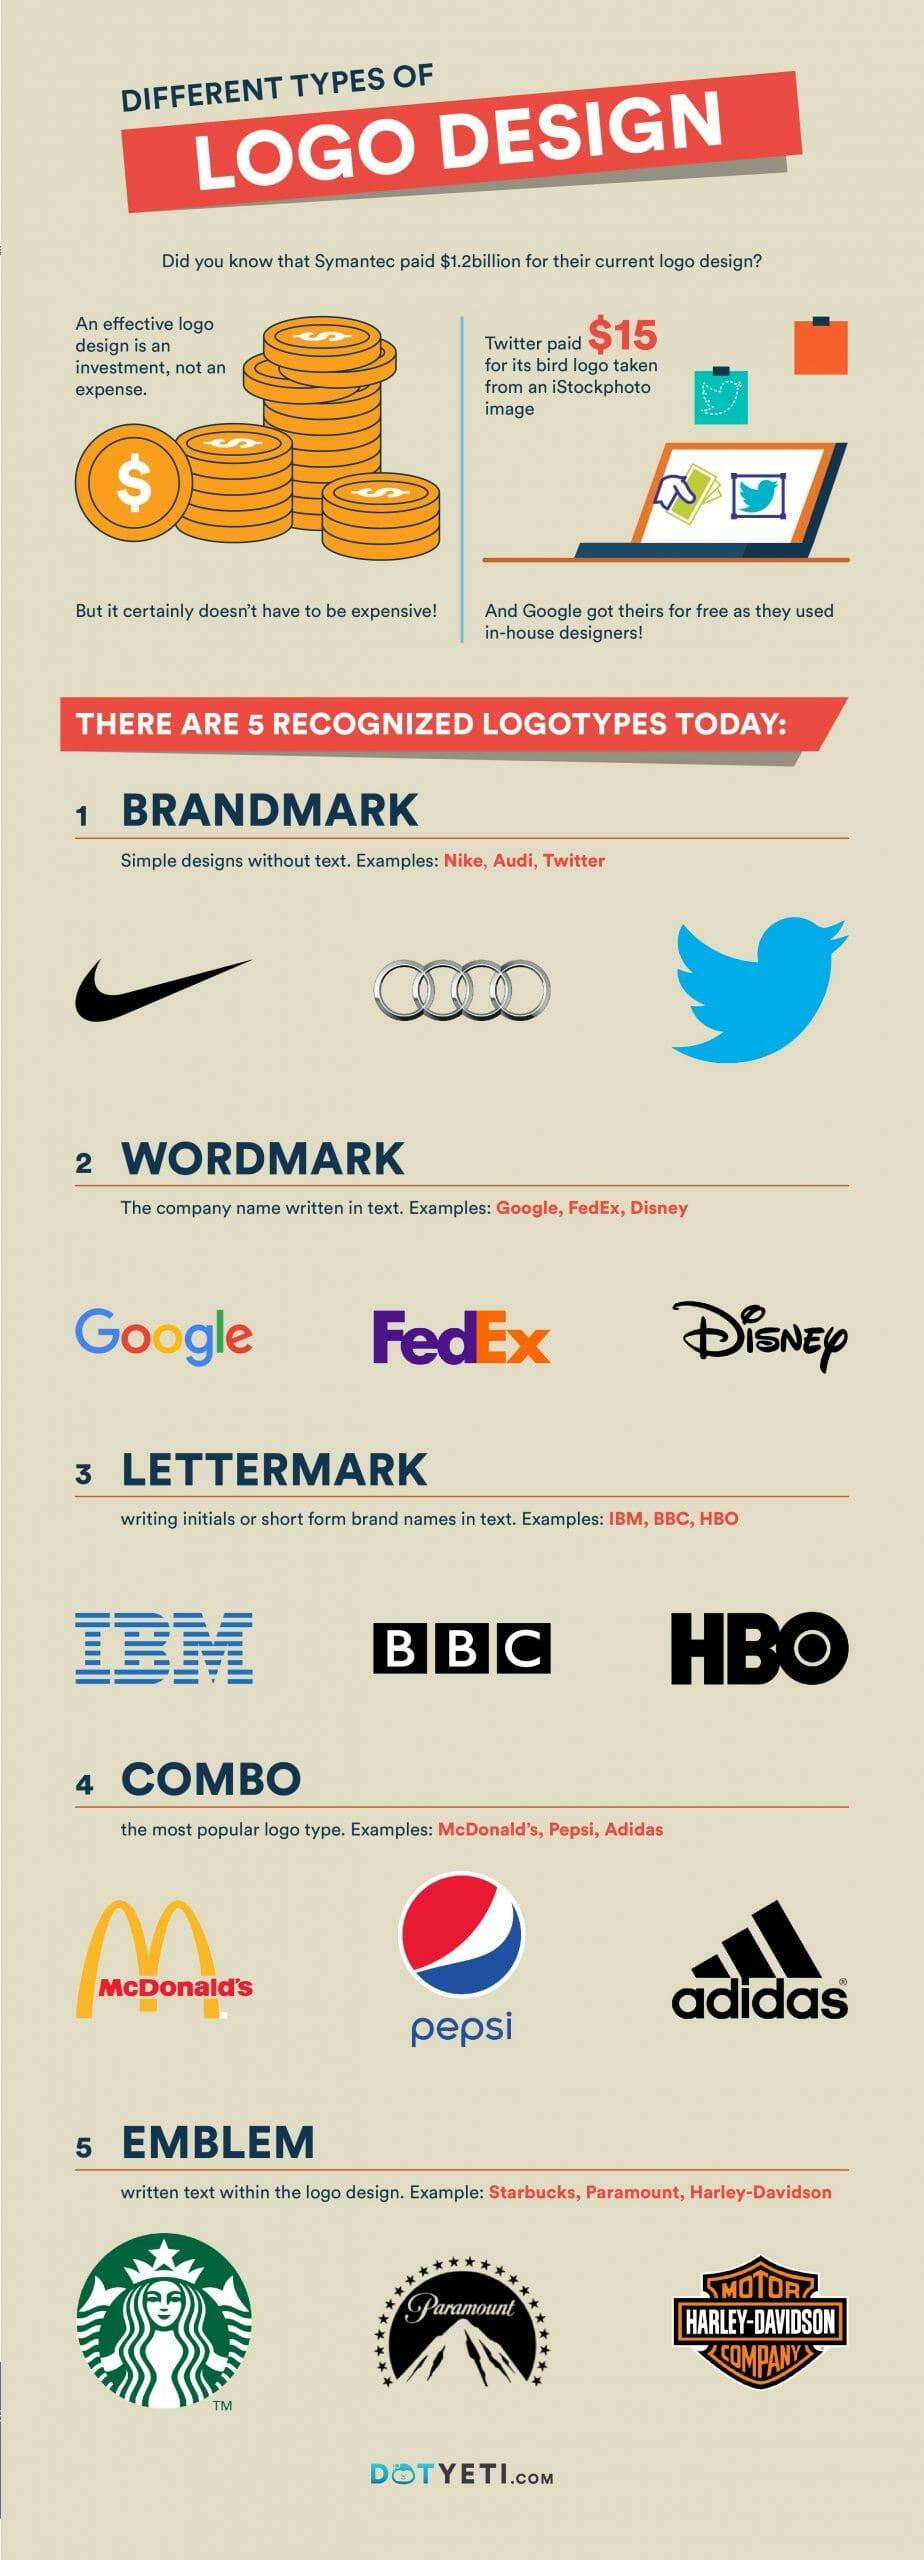 5 types of logos